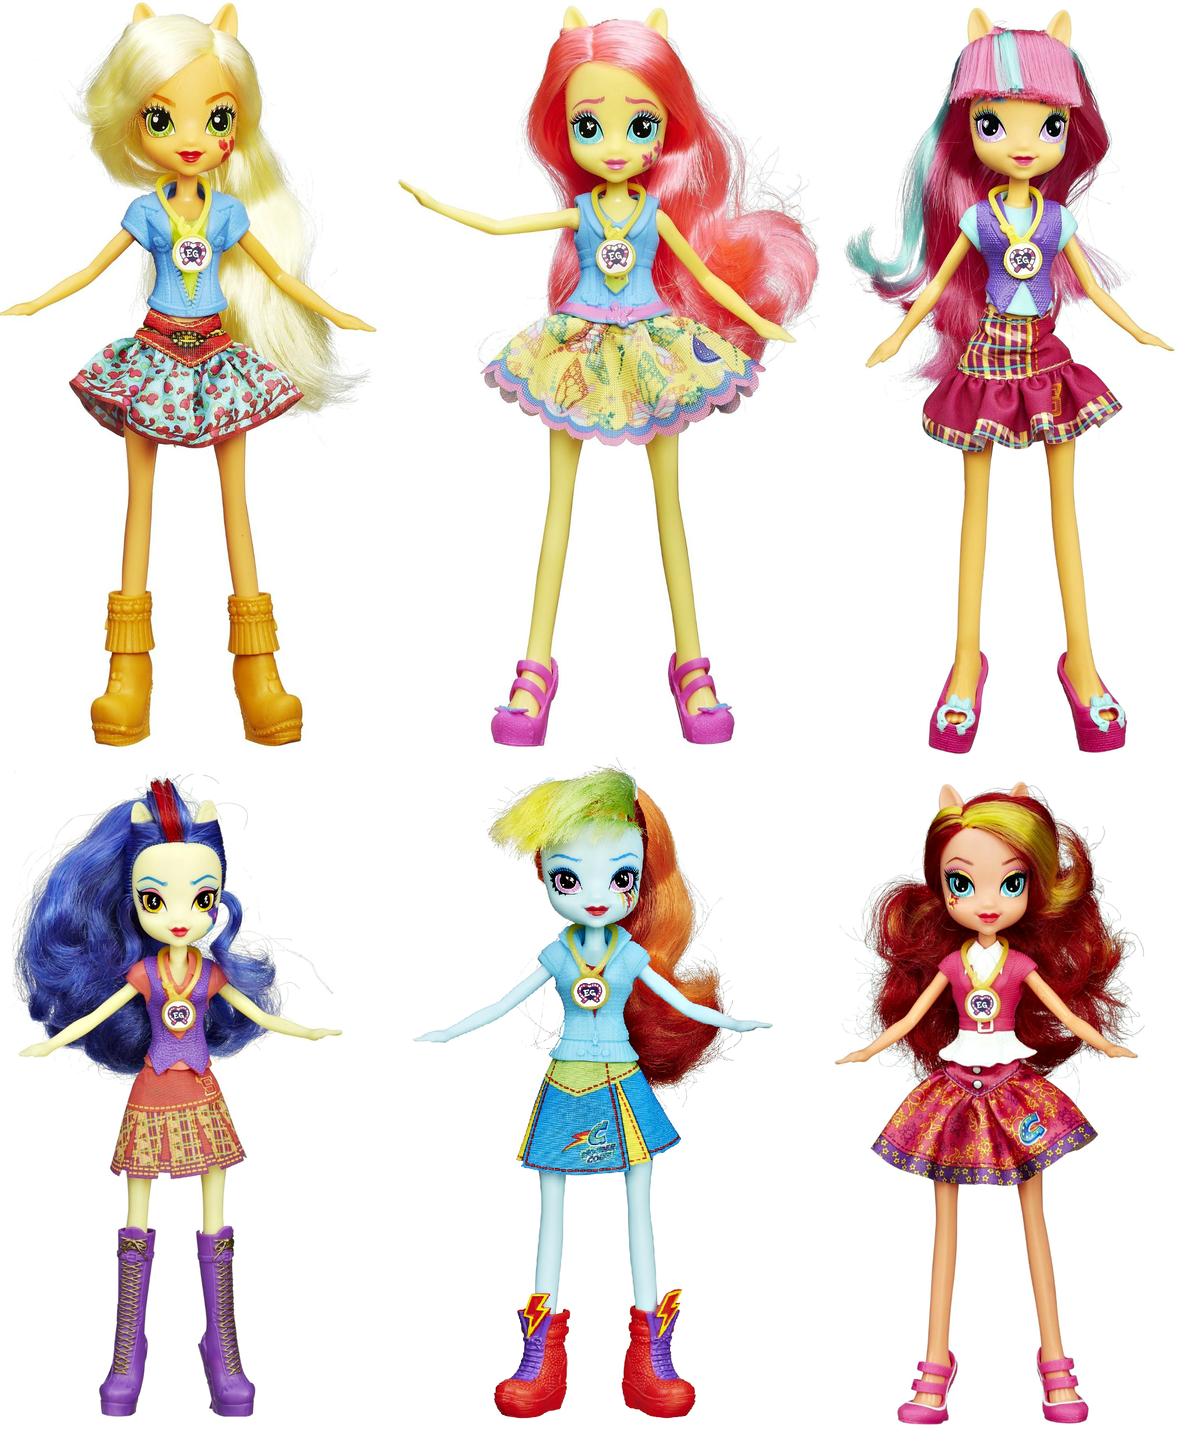 куклы эквестрия герлз фотомодели них разница